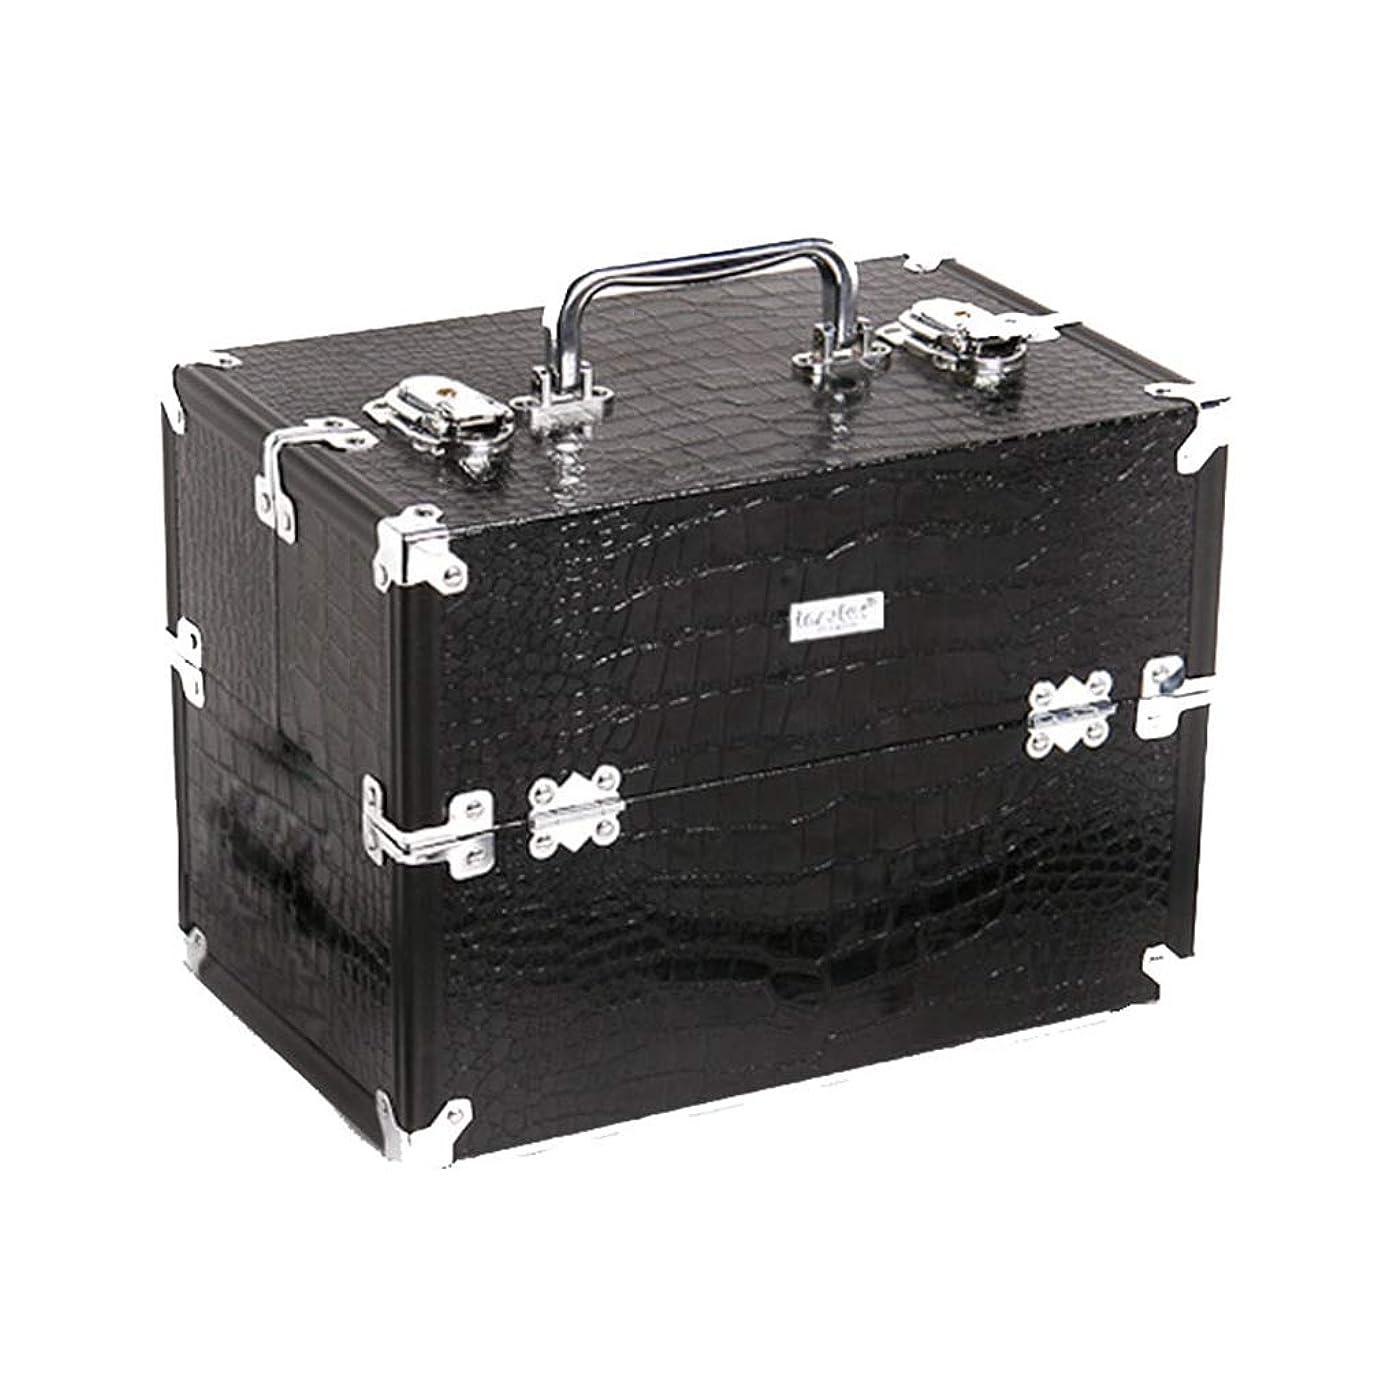 ドック統合補うメイクボックス 男女兼用 化粧ボックス 3層 3段トレイ トレンケース 化粧雑貨 メイクブラシ入れ プロ用 旅行用 出張用 大容量 多機能 携帯便利 取っ手付き コスメボックス おしゃれ 収納ケース ツールボックス 工具箱 ブラック